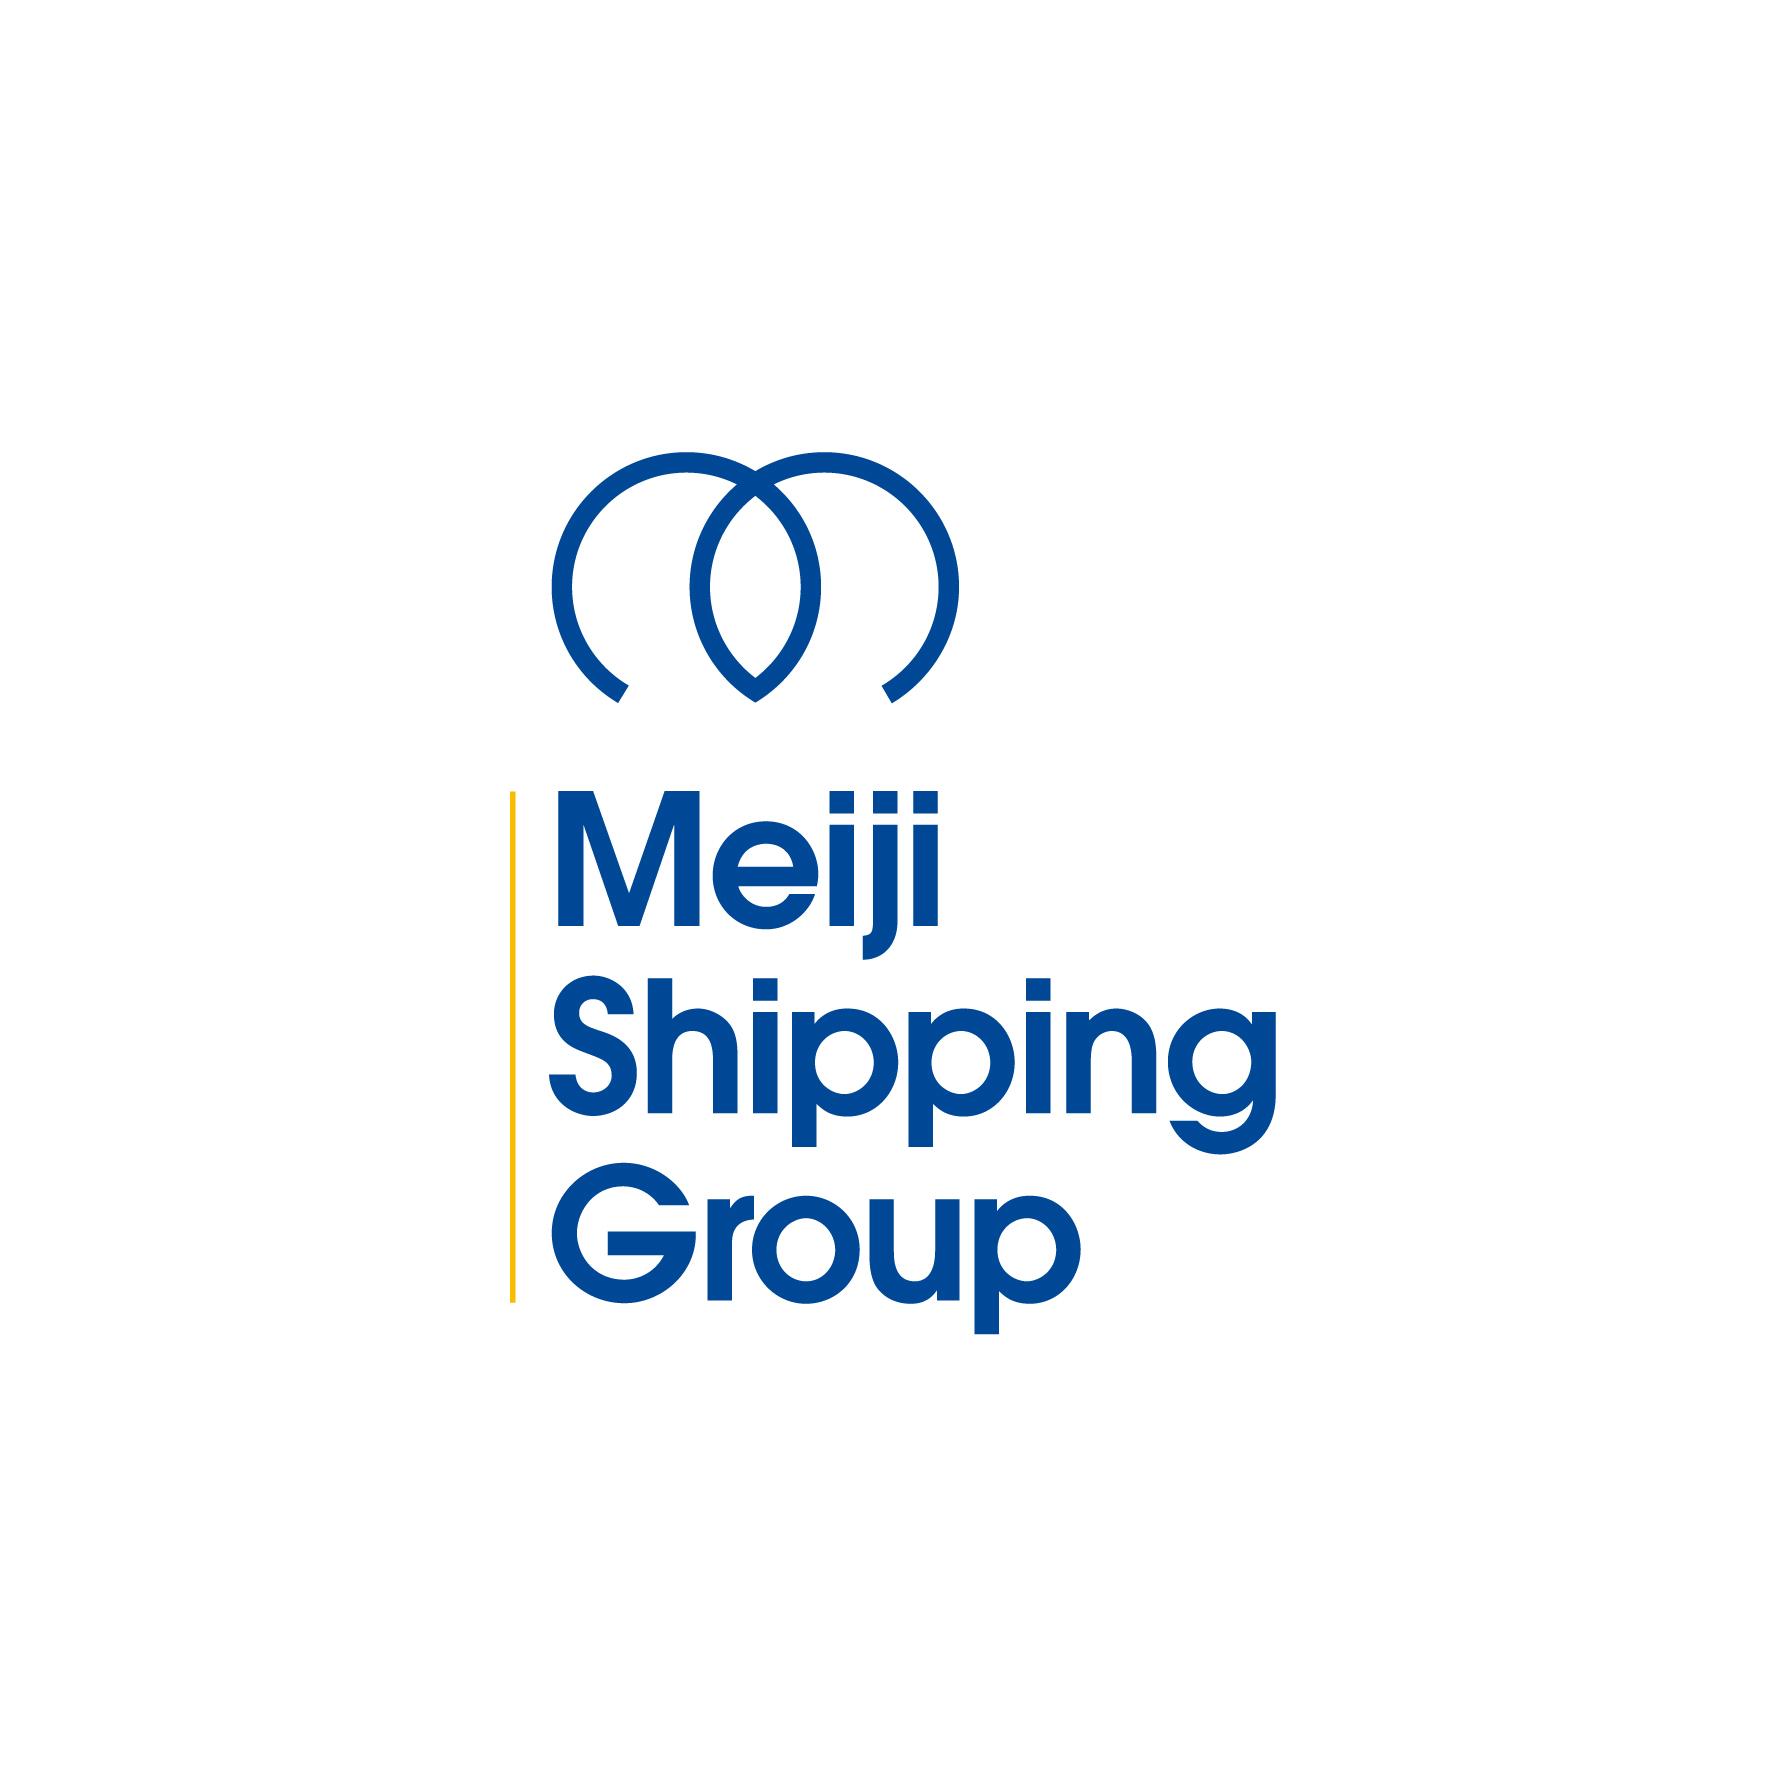 Meiji Shipping Group 明治海運グループ|CIロゴデザイン グラフィックデザイン ベーシックアプリケーションデザイン|船舶・海運業|東京都目黒区 兵庫県神戸市